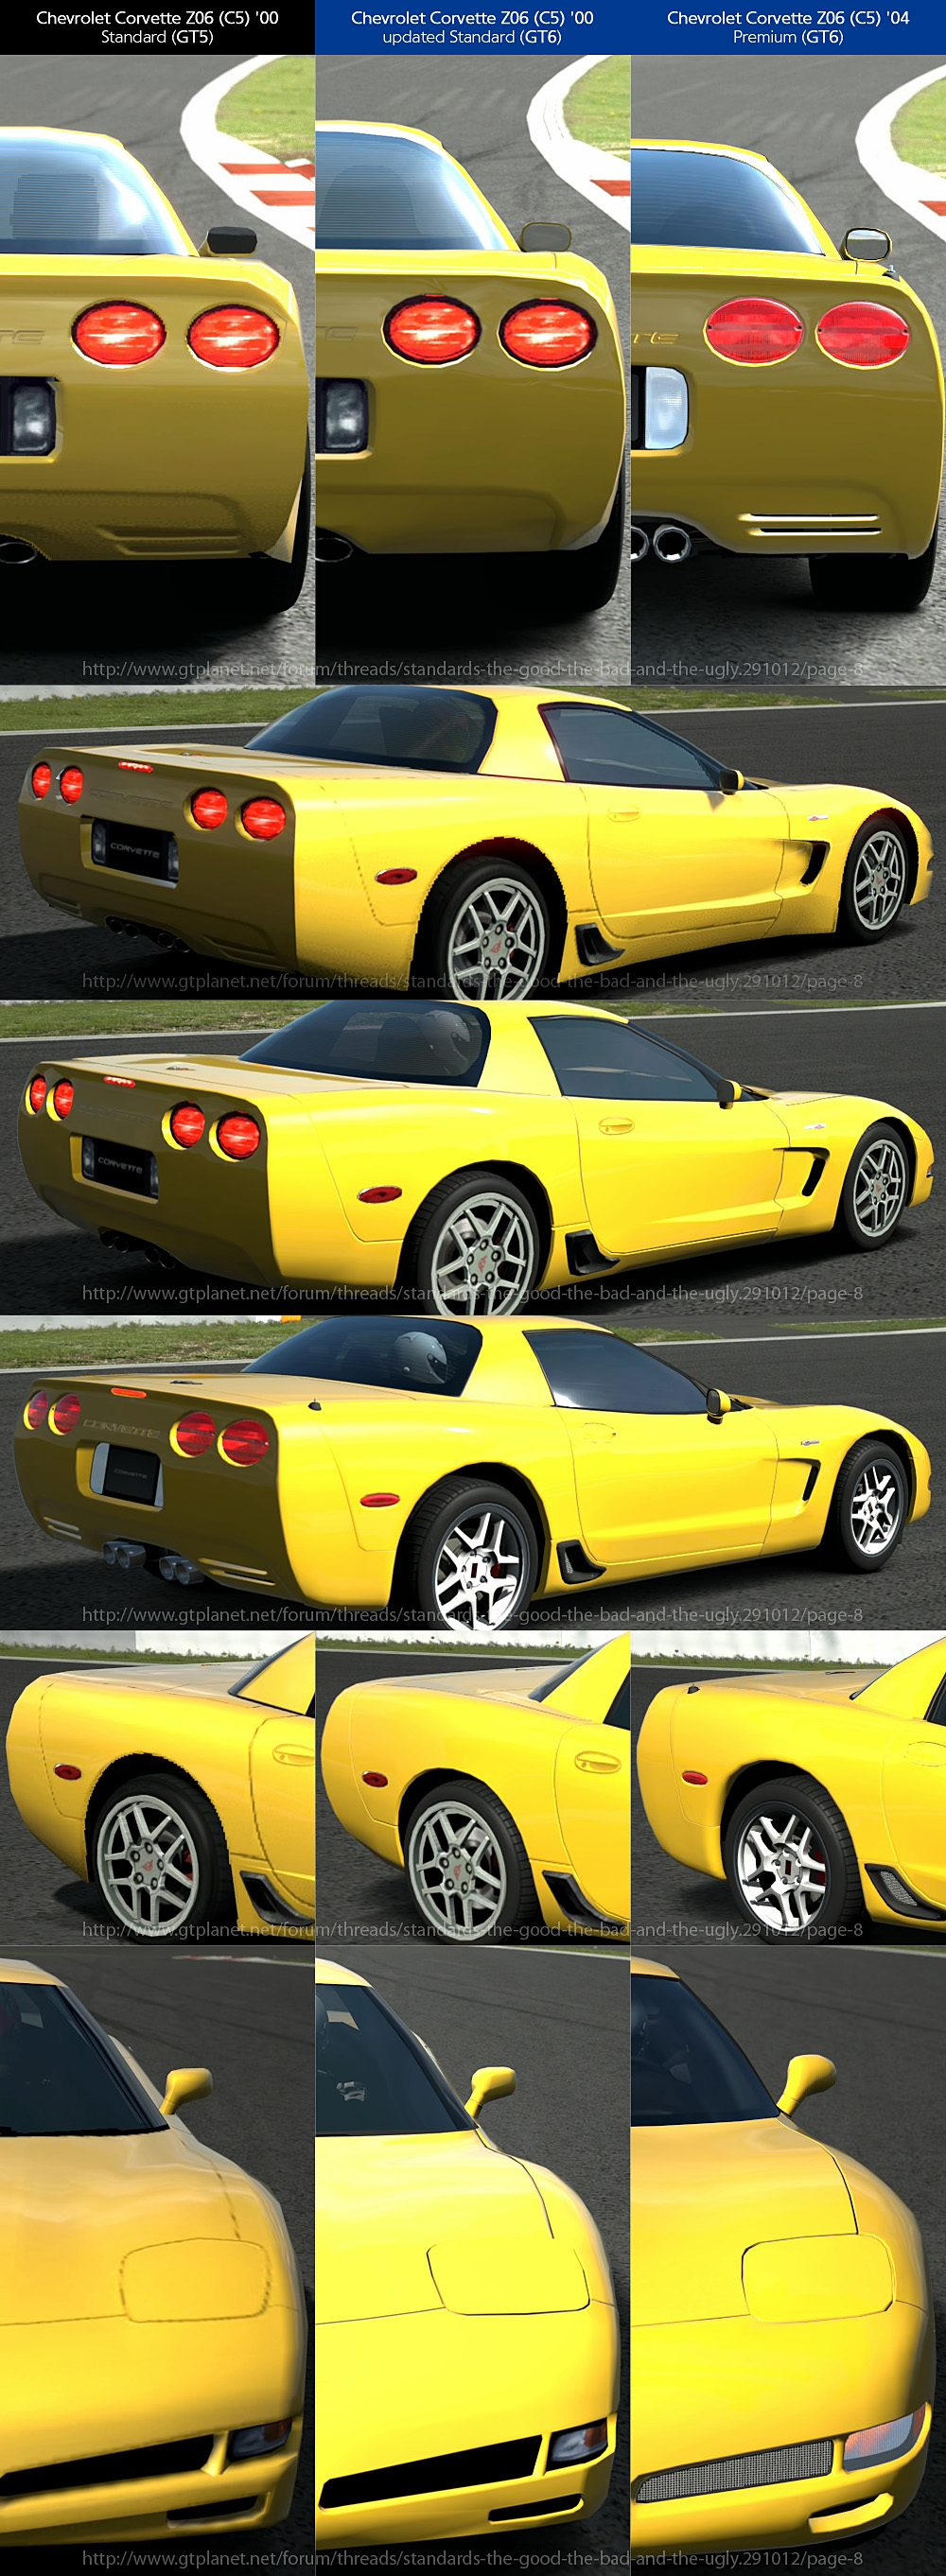 Corvette-Z06_00-04_s021.jpg